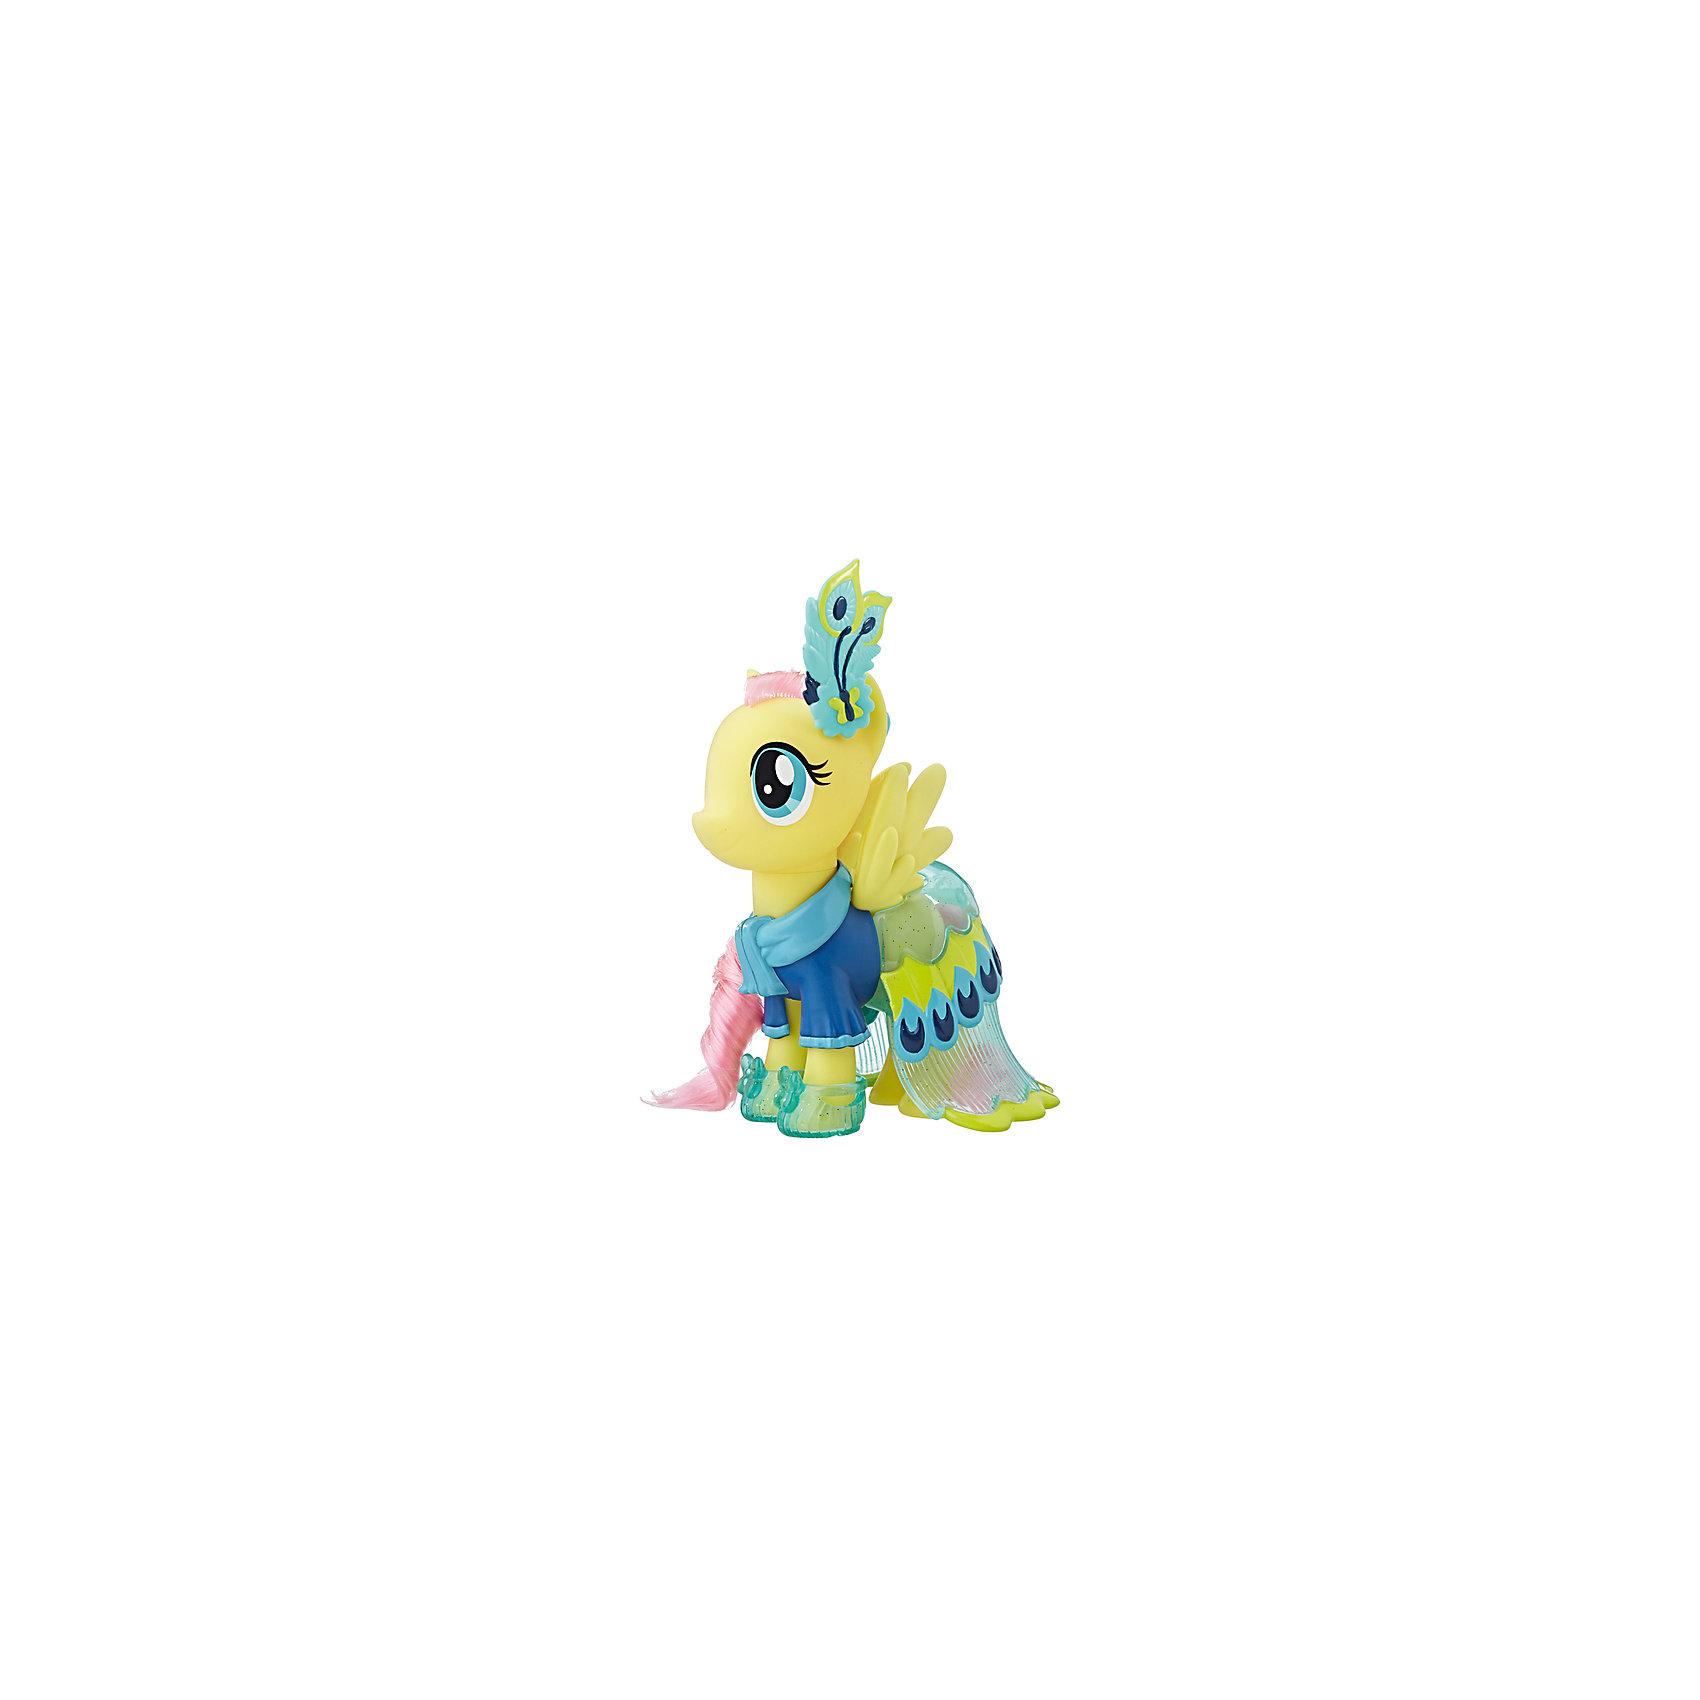 Игровой набор Hasbro My Little Pony Сияние. Пони-модницы, ФлаттершайФигурки из мультфильмов<br>Характеристики:<br><br>• в наборе MLP представлен персонаж из серии «Сияние»;<br>• пони-модница одета в яркий наряд, имеется головной убор;<br>• фигурки могут принять участие в различных сюжетно-ролевых играх, в процессе которых развивается фантазия, расширяется словарный запас, девочки учатся взаимодействовать друг с другом;<br>• материал игрушки: пластик, полимер;<br>• в комплекте аксессуары.<br><br>MLP «Сияние» пони-модницы можно купить в нашем интернет-магазине.<br><br>Ширина мм: 9999<br>Глубина мм: 9999<br>Высота мм: 9999<br>Вес г: 9999<br>Возраст от месяцев: 36<br>Возраст до месяцев: 120<br>Пол: Женский<br>Возраст: Детский<br>SKU: 7097987